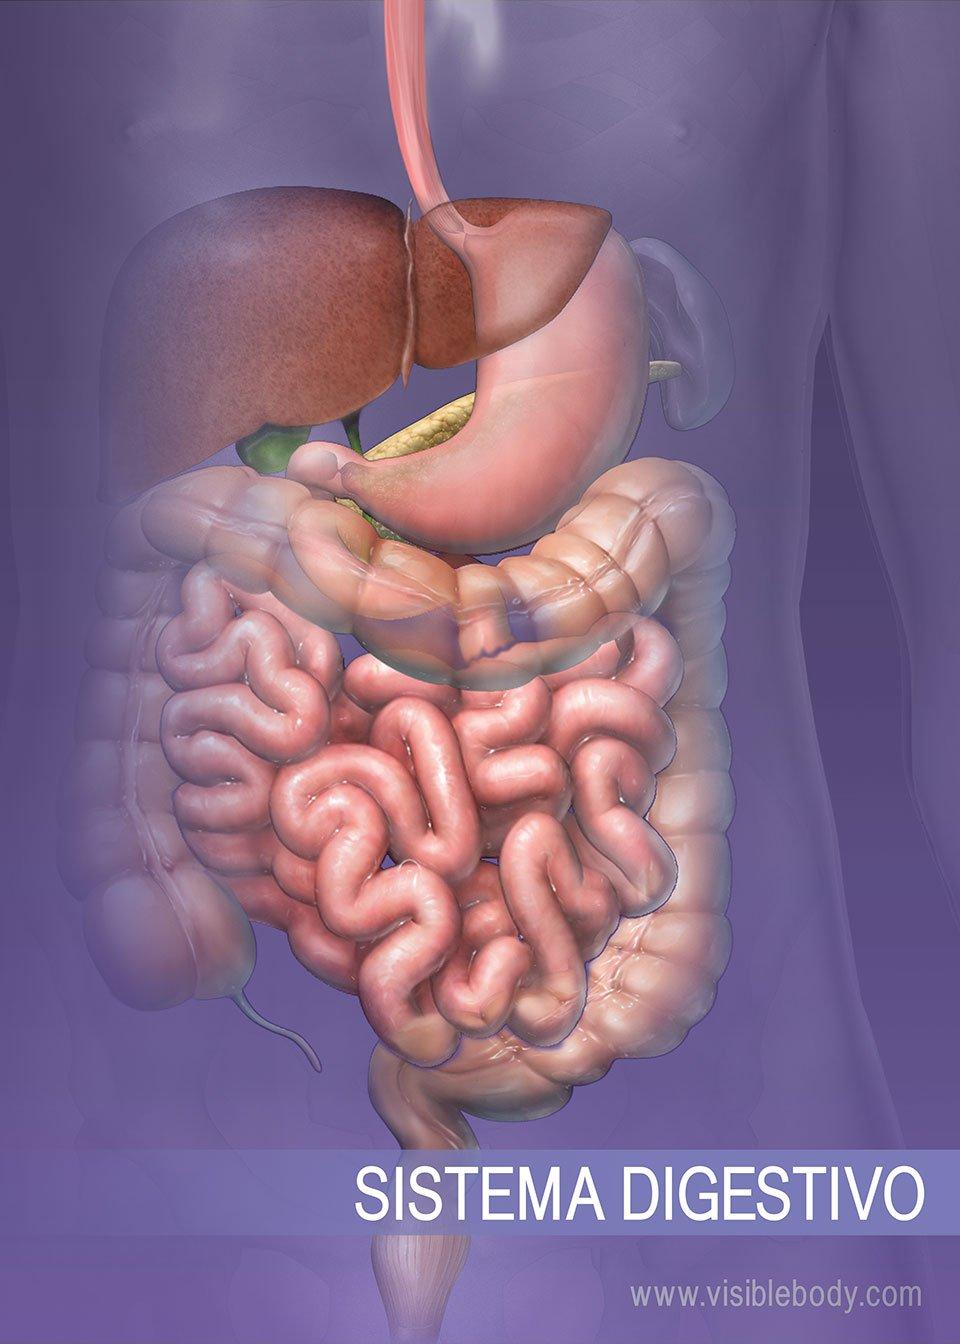 Estructuras del sistema digestivo bajo